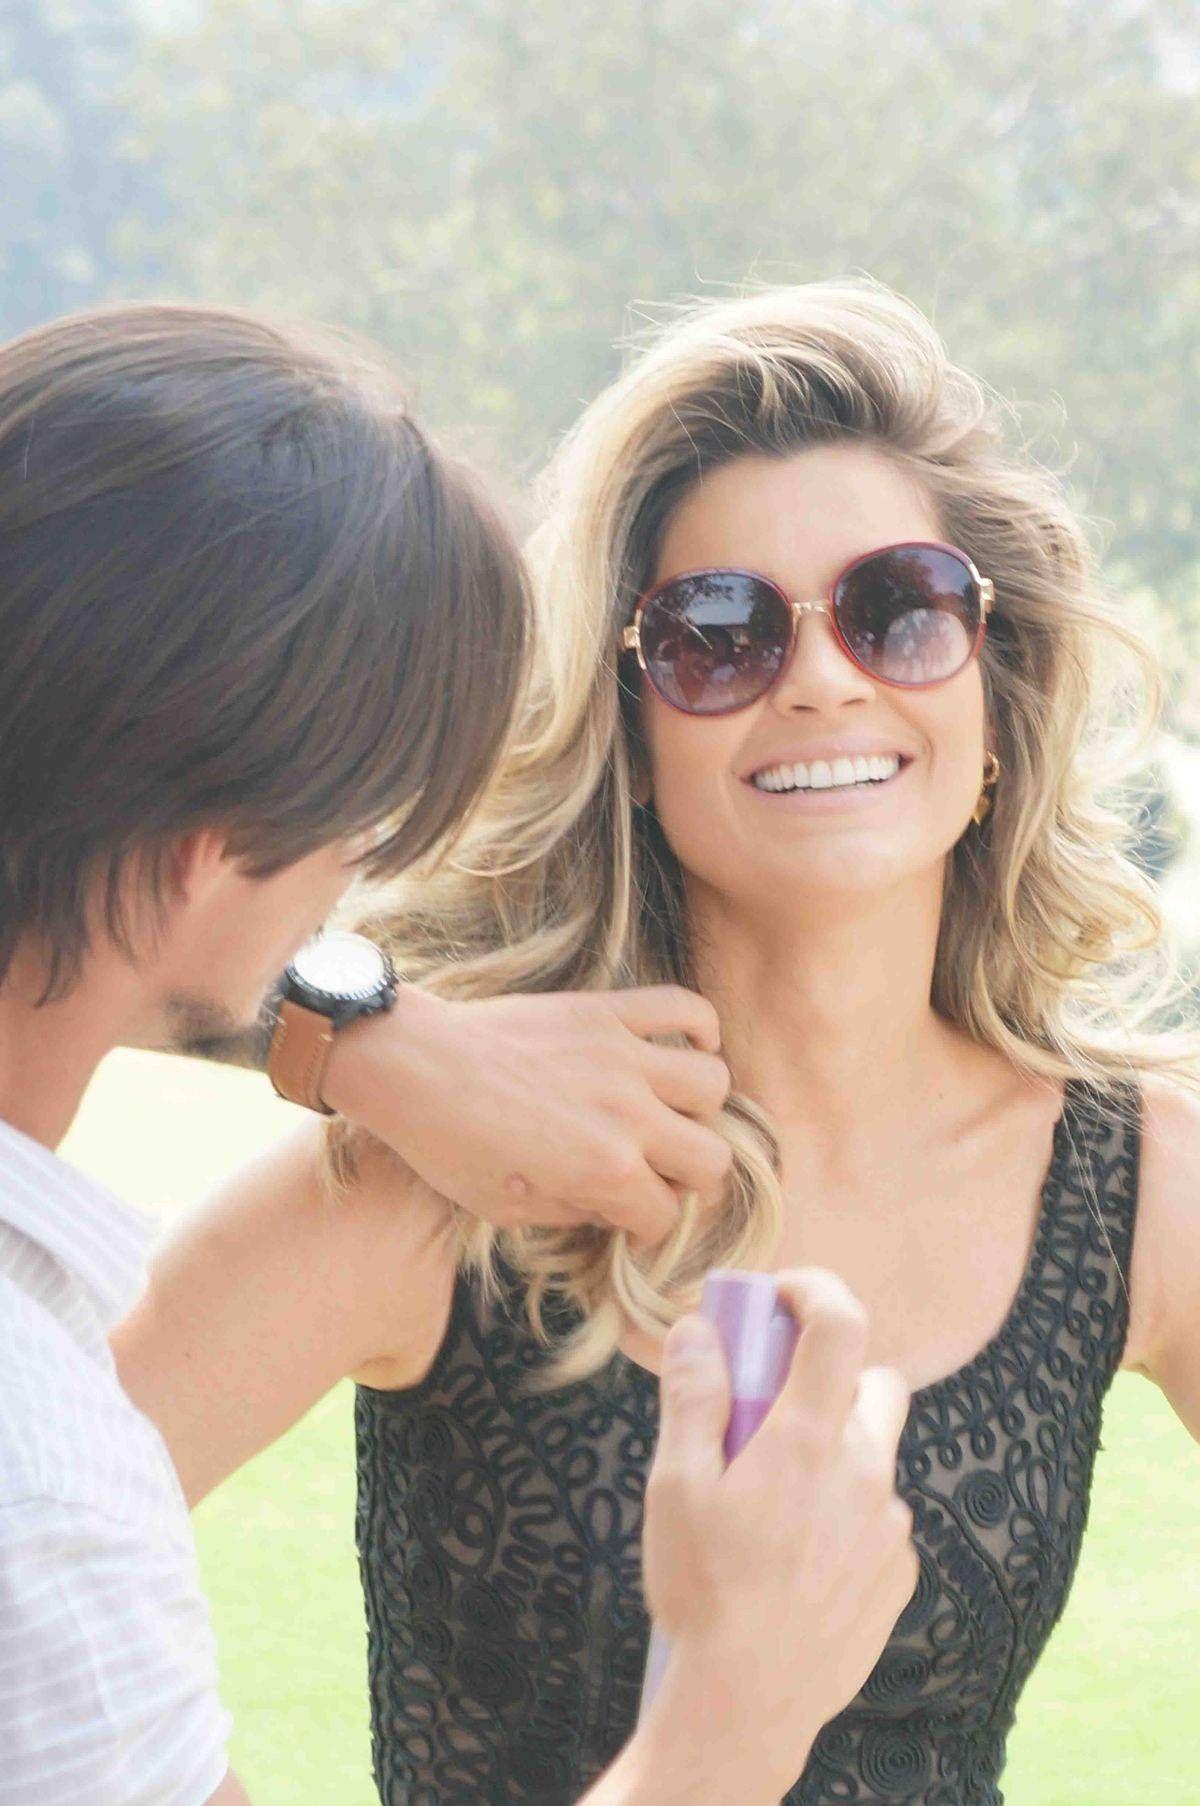 dfb00822bf308 Flavia Alessandra posa com papagaio em campanha de óculos de sol  espie o  making of - Fotos - R7 Moda e Beleza